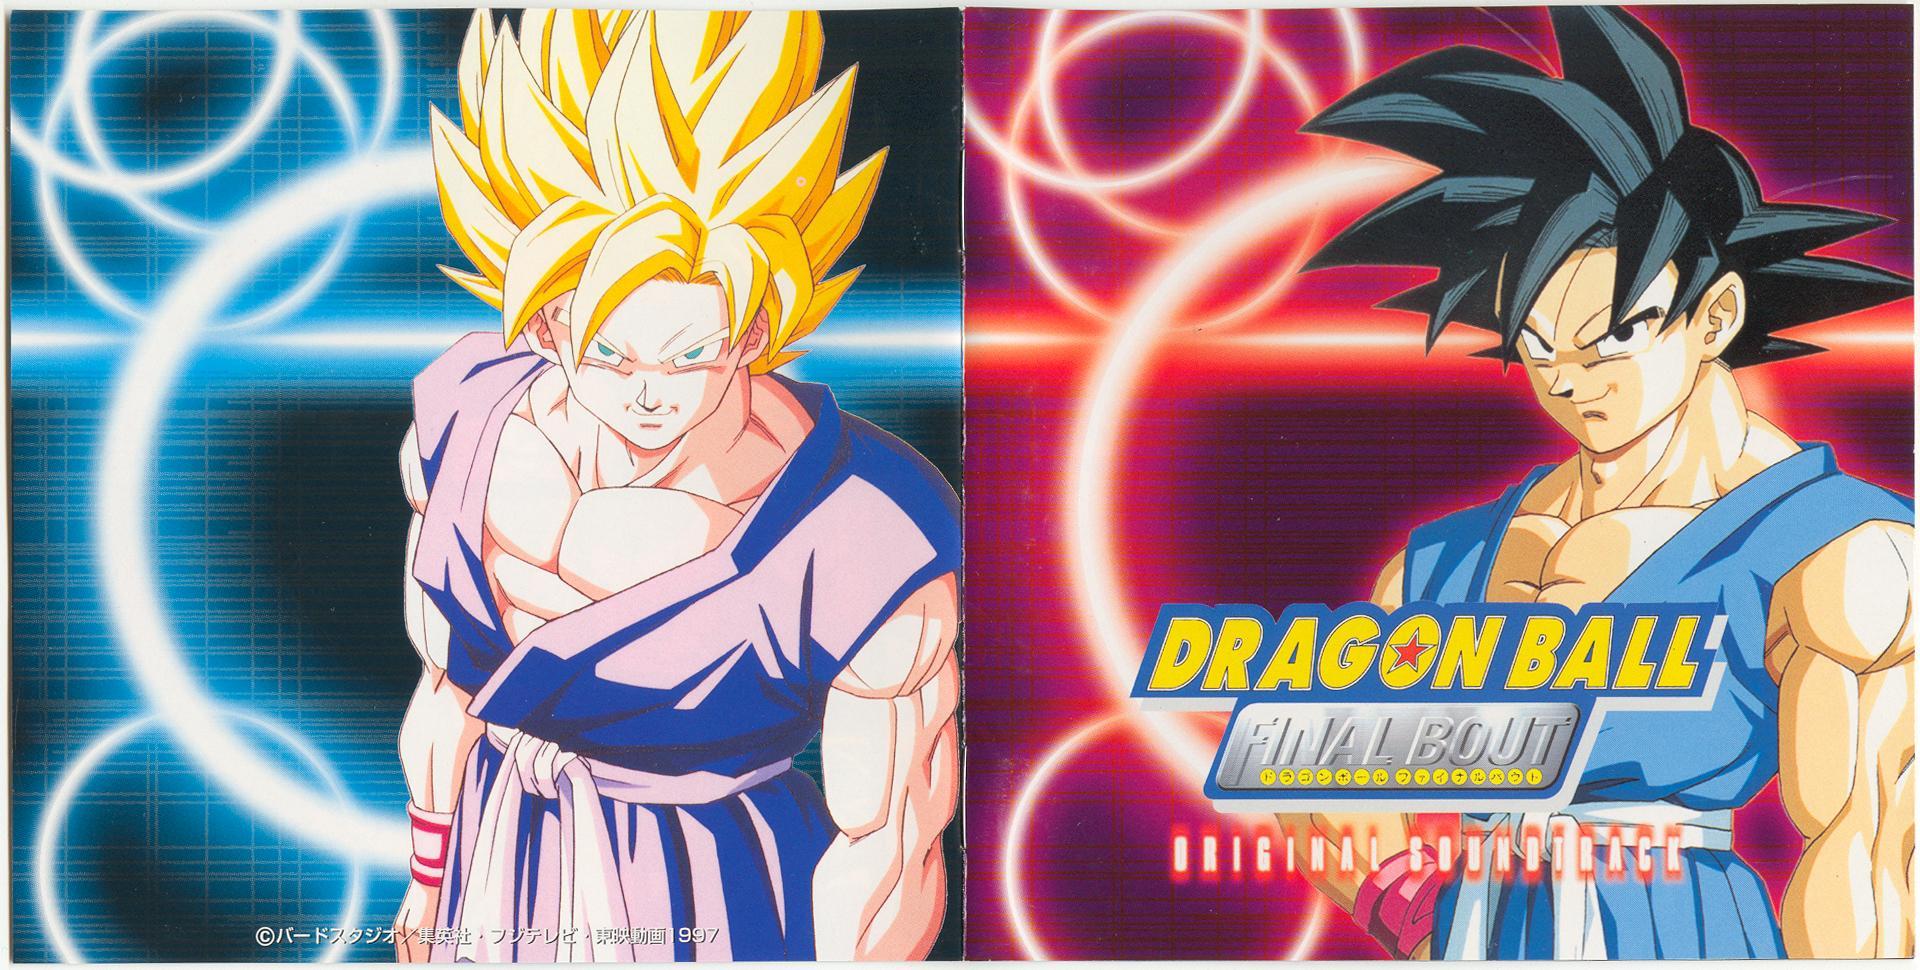 Dragon Dragon Rock The Dragon Dragon Ball z Dragon Ball Final Bout